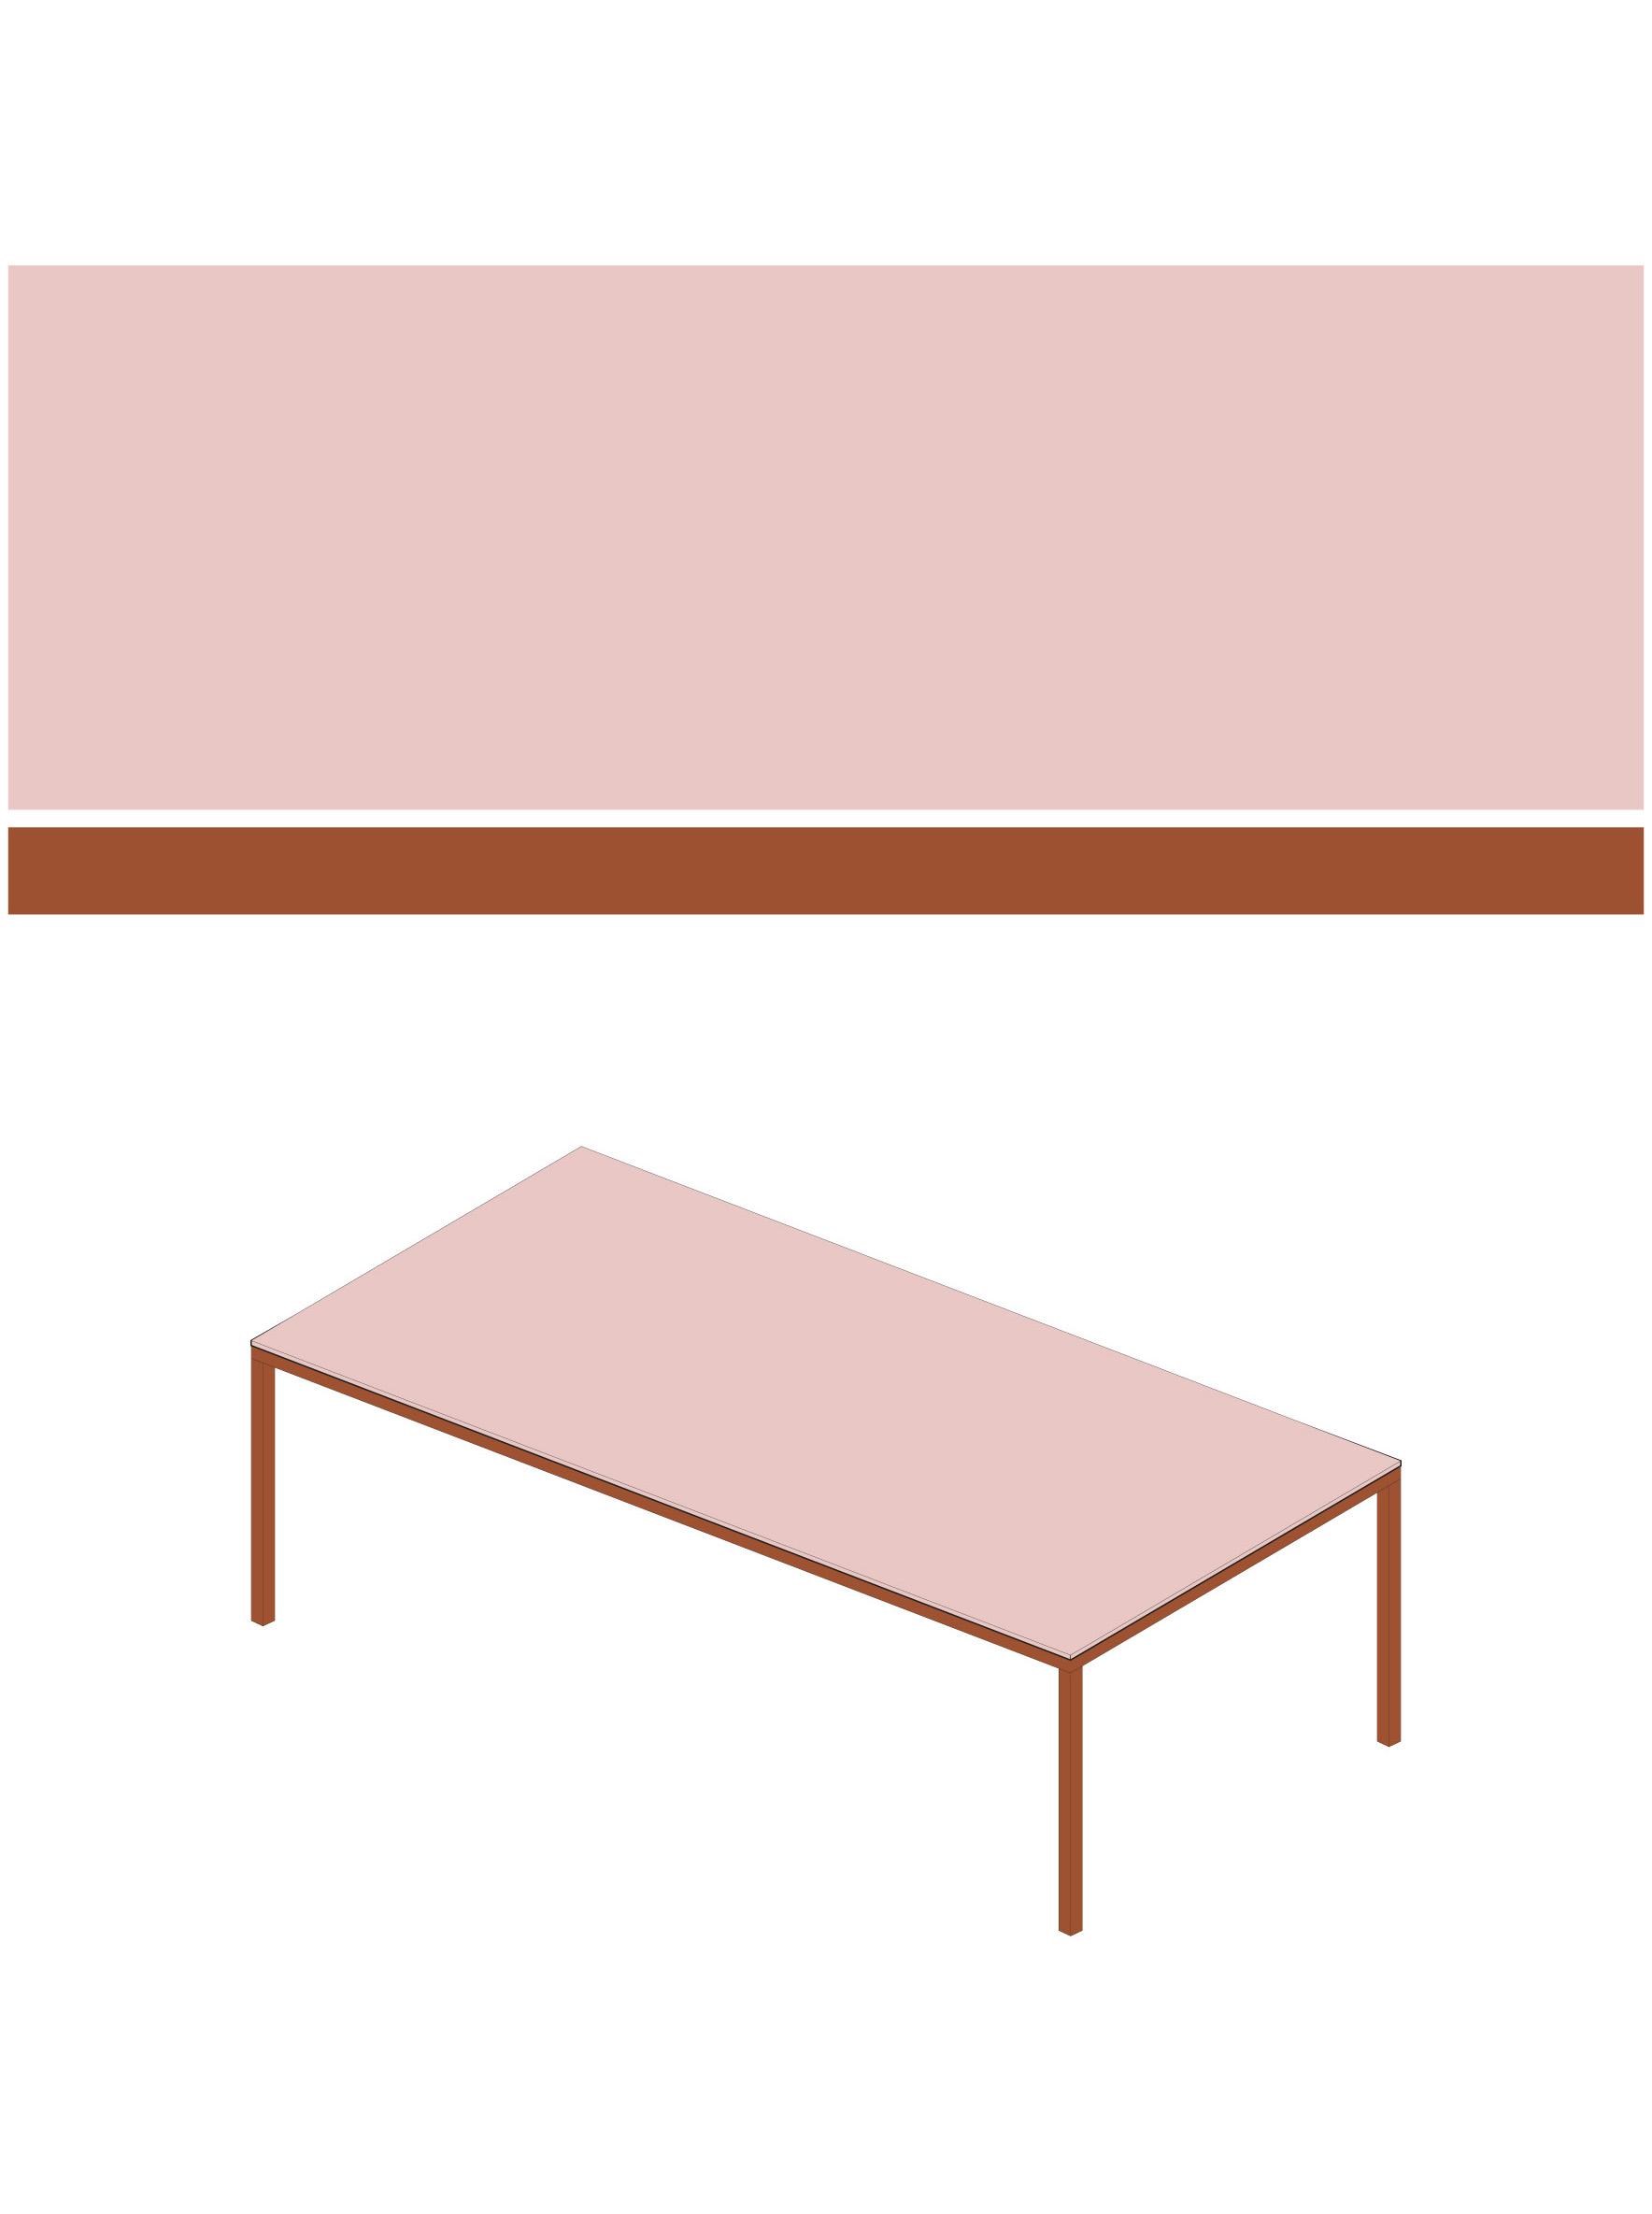 table-so-2a.jpg